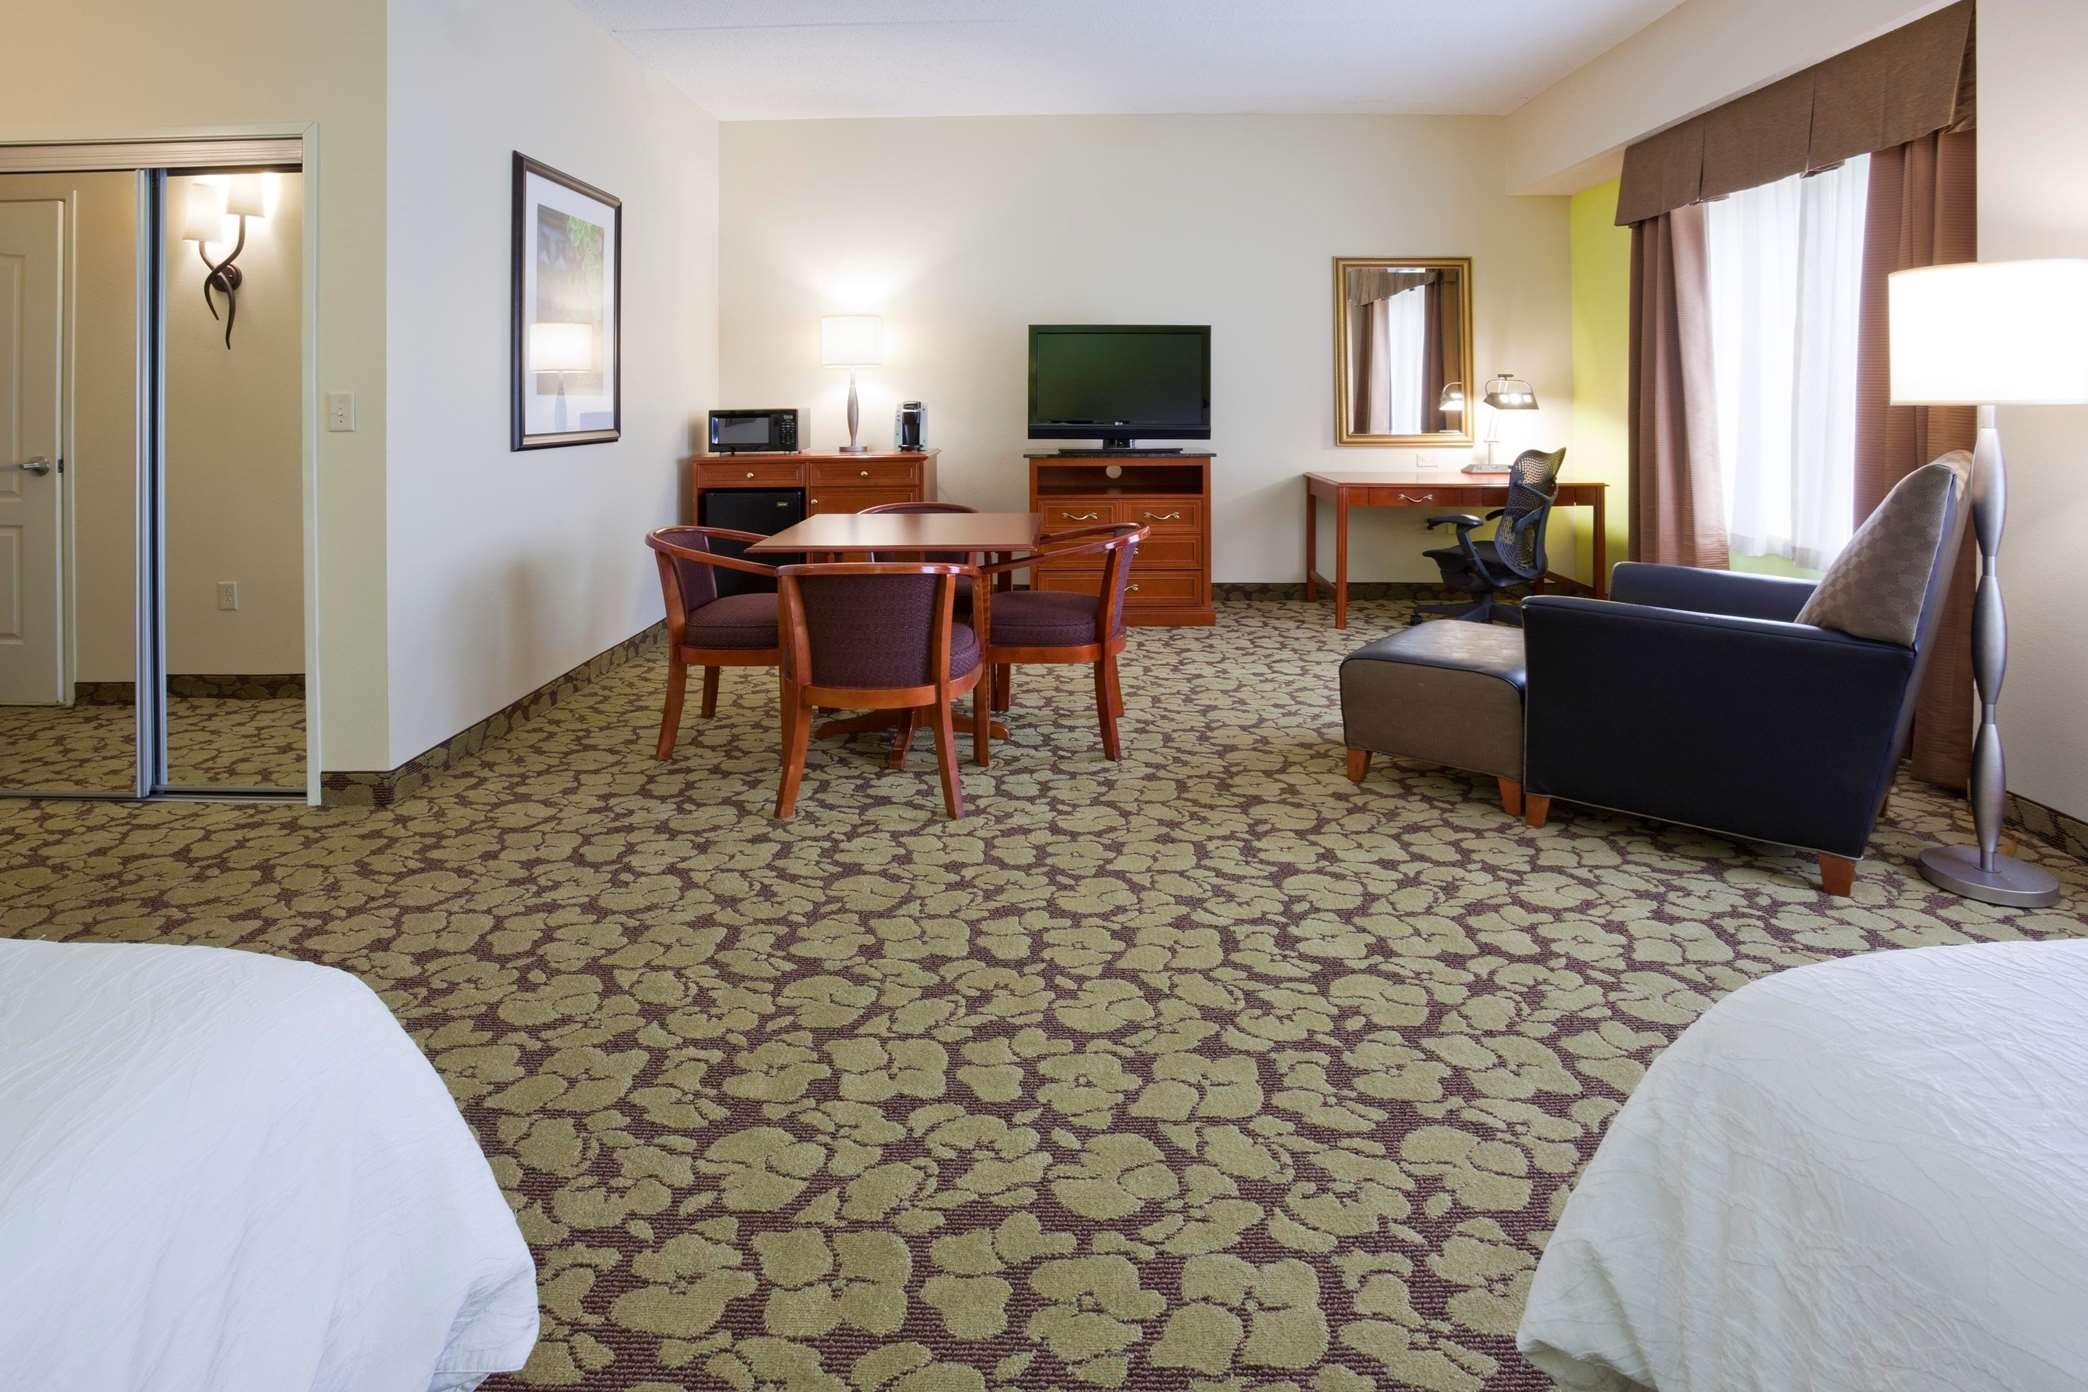 Hilton Garden Inn Minneapolis/Bloomington image 22